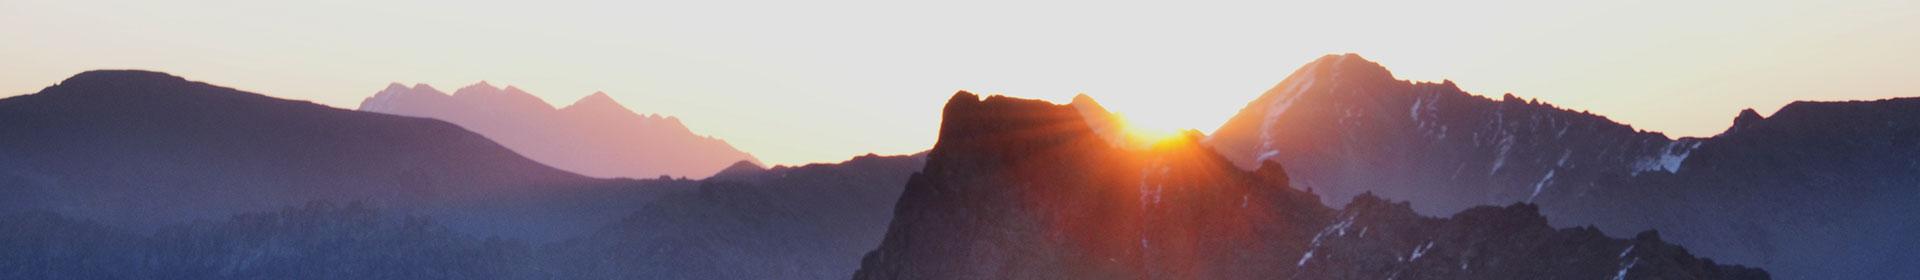 Понтійські гори. Поміж Альпами і Кавказом